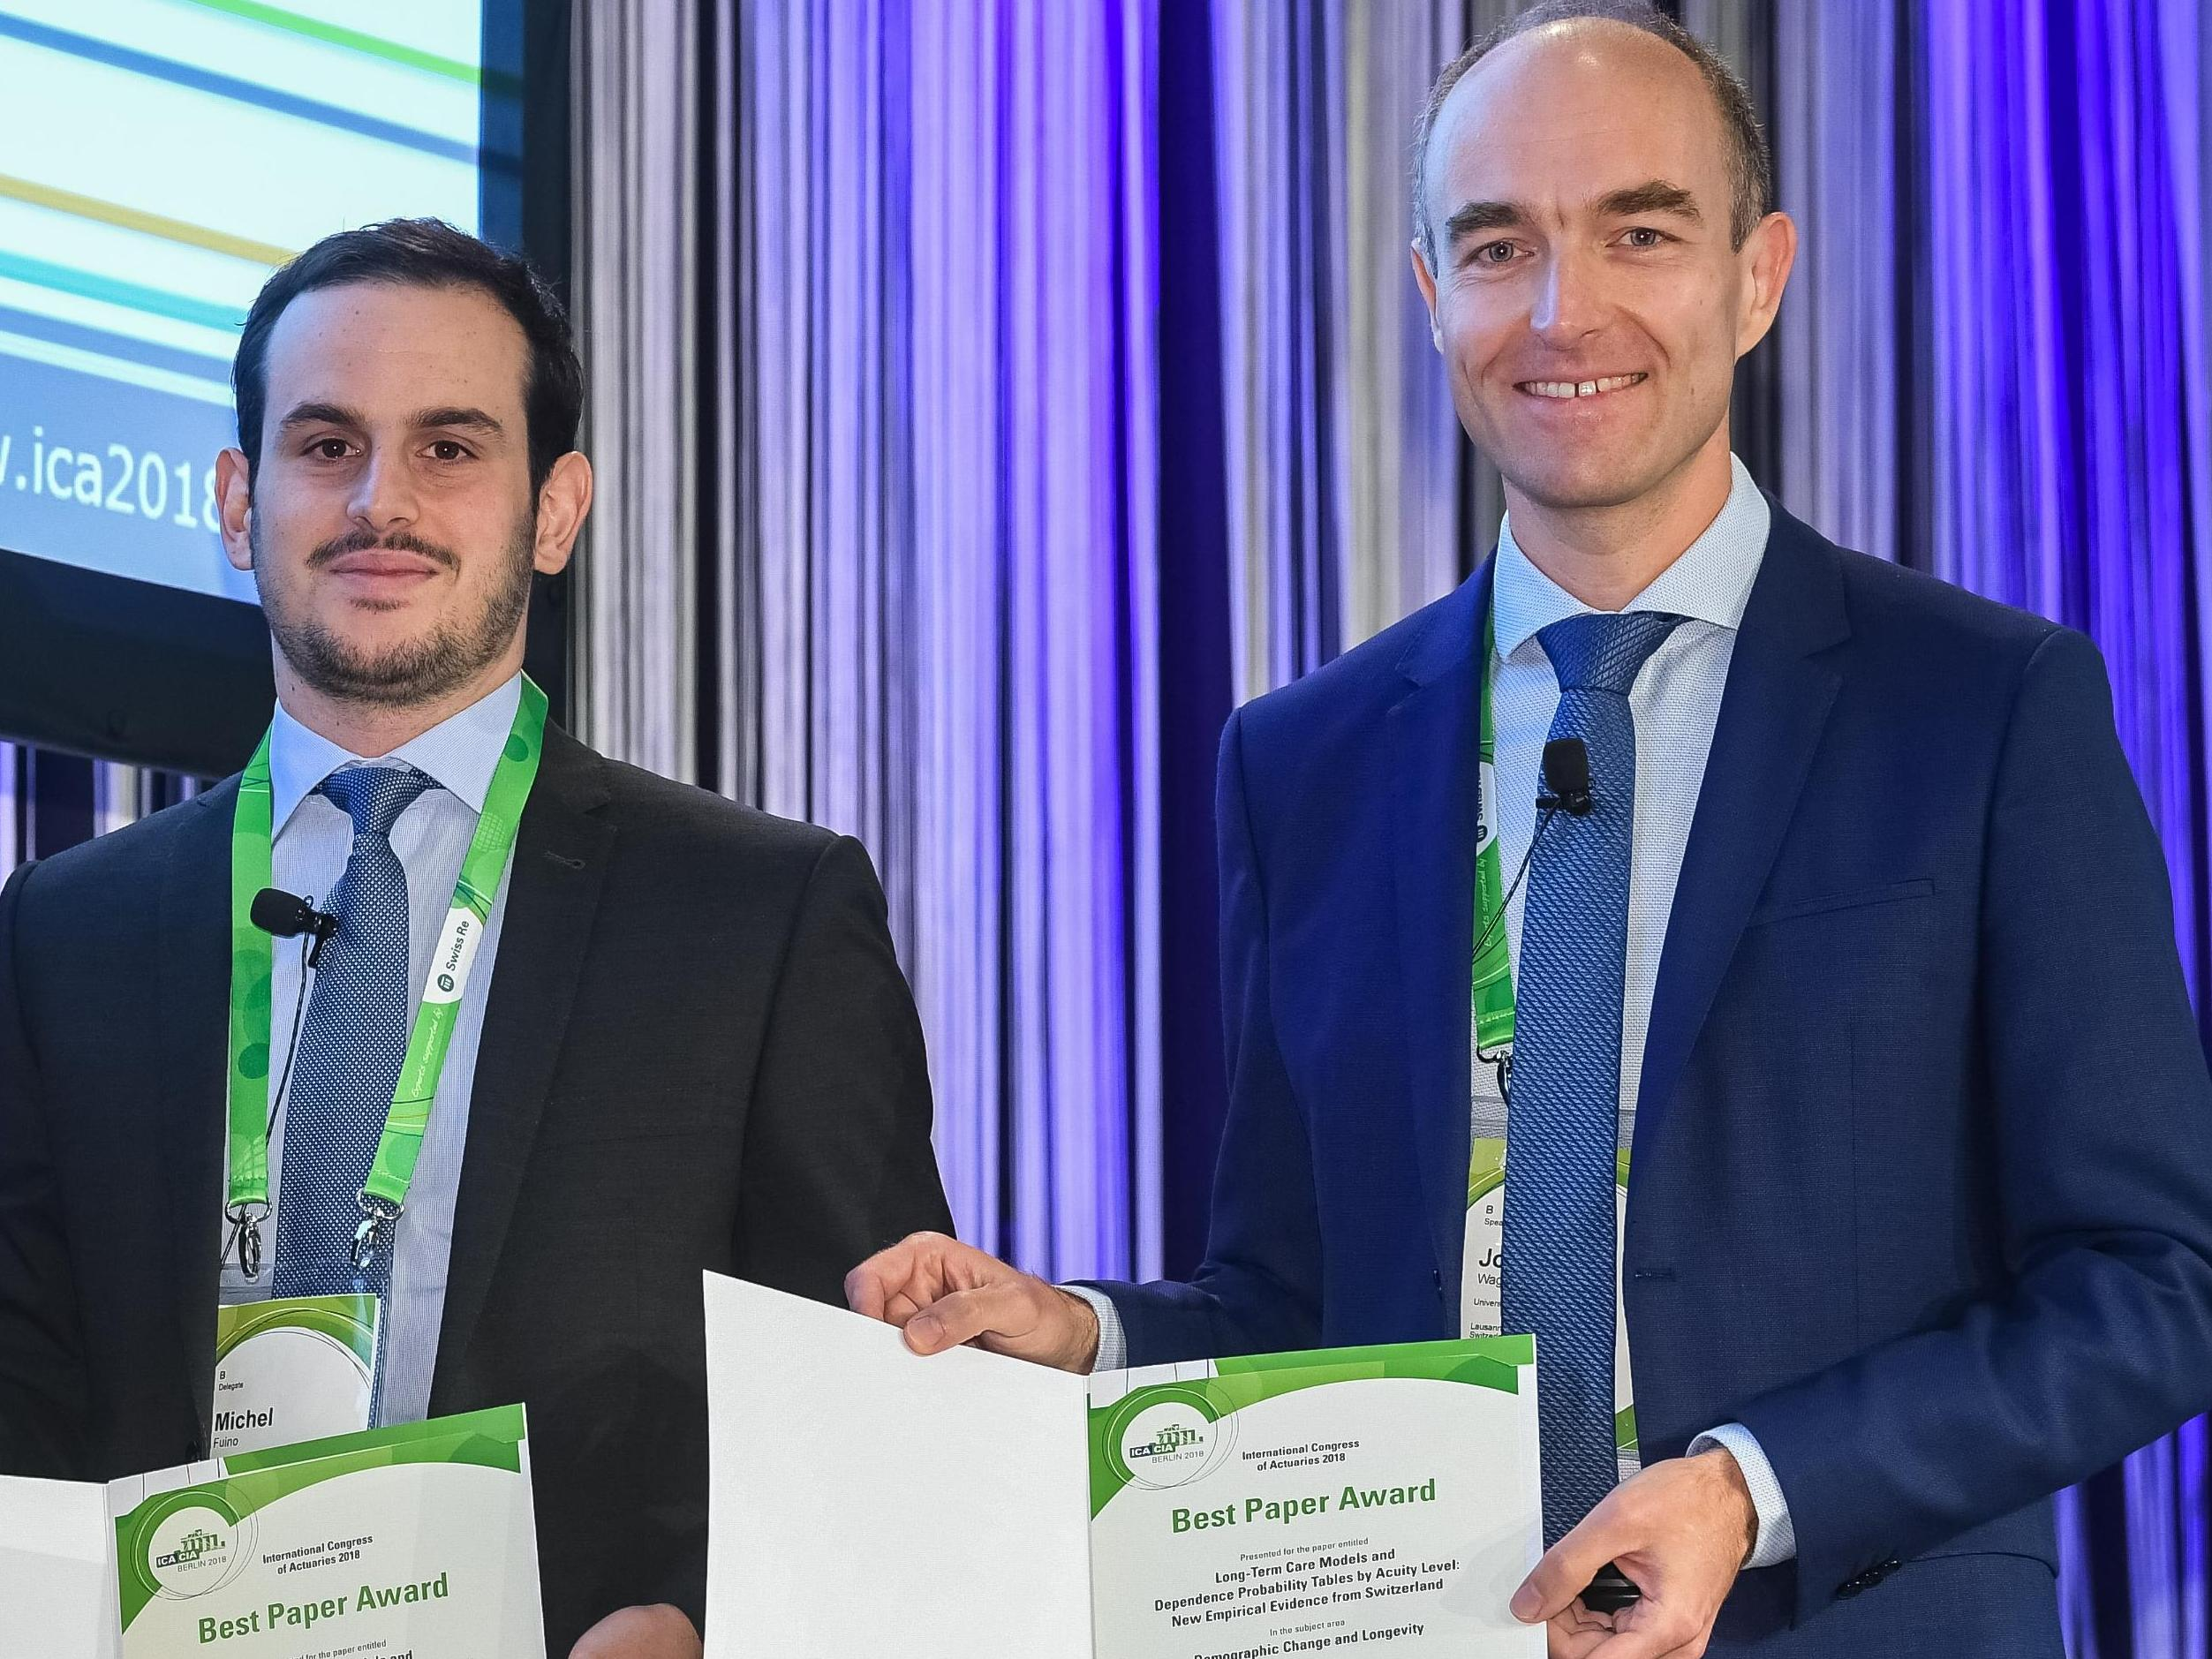 Sciences Actuarielles: Joël Wagner et Michel Fuino ont reçu  le Best Paper Award au Congrès ICA 2018